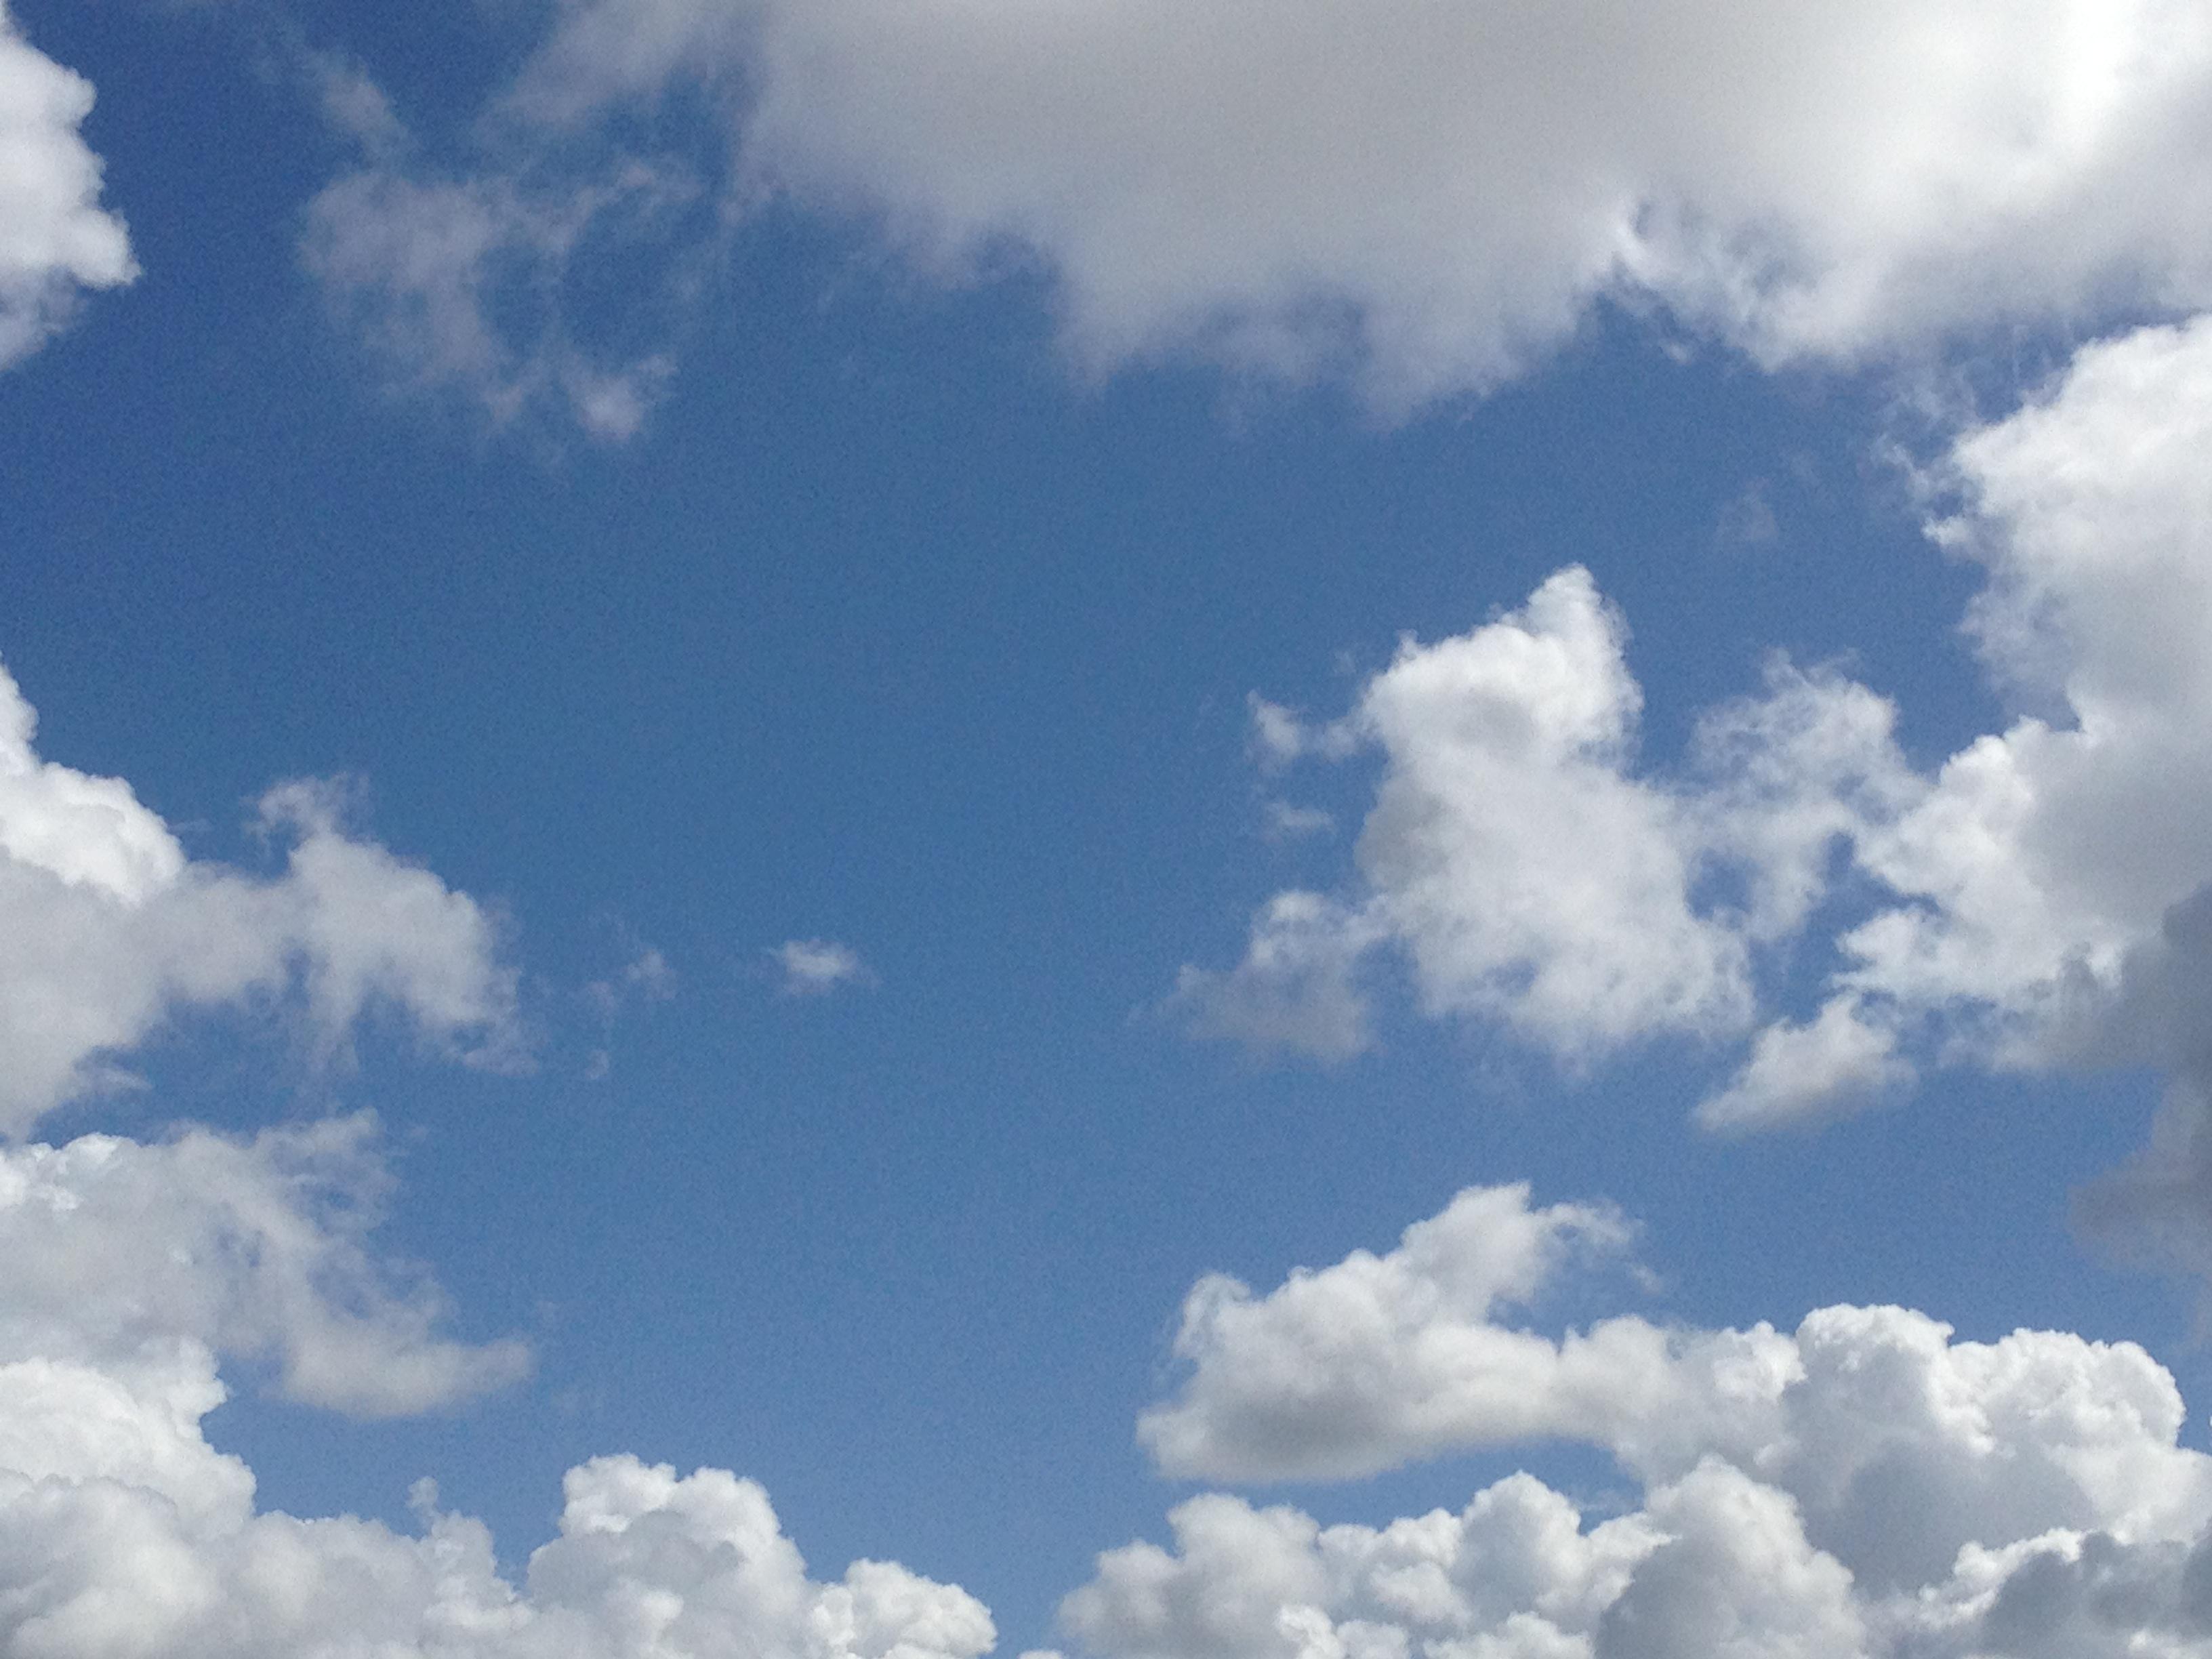 雲に囲まれた青空